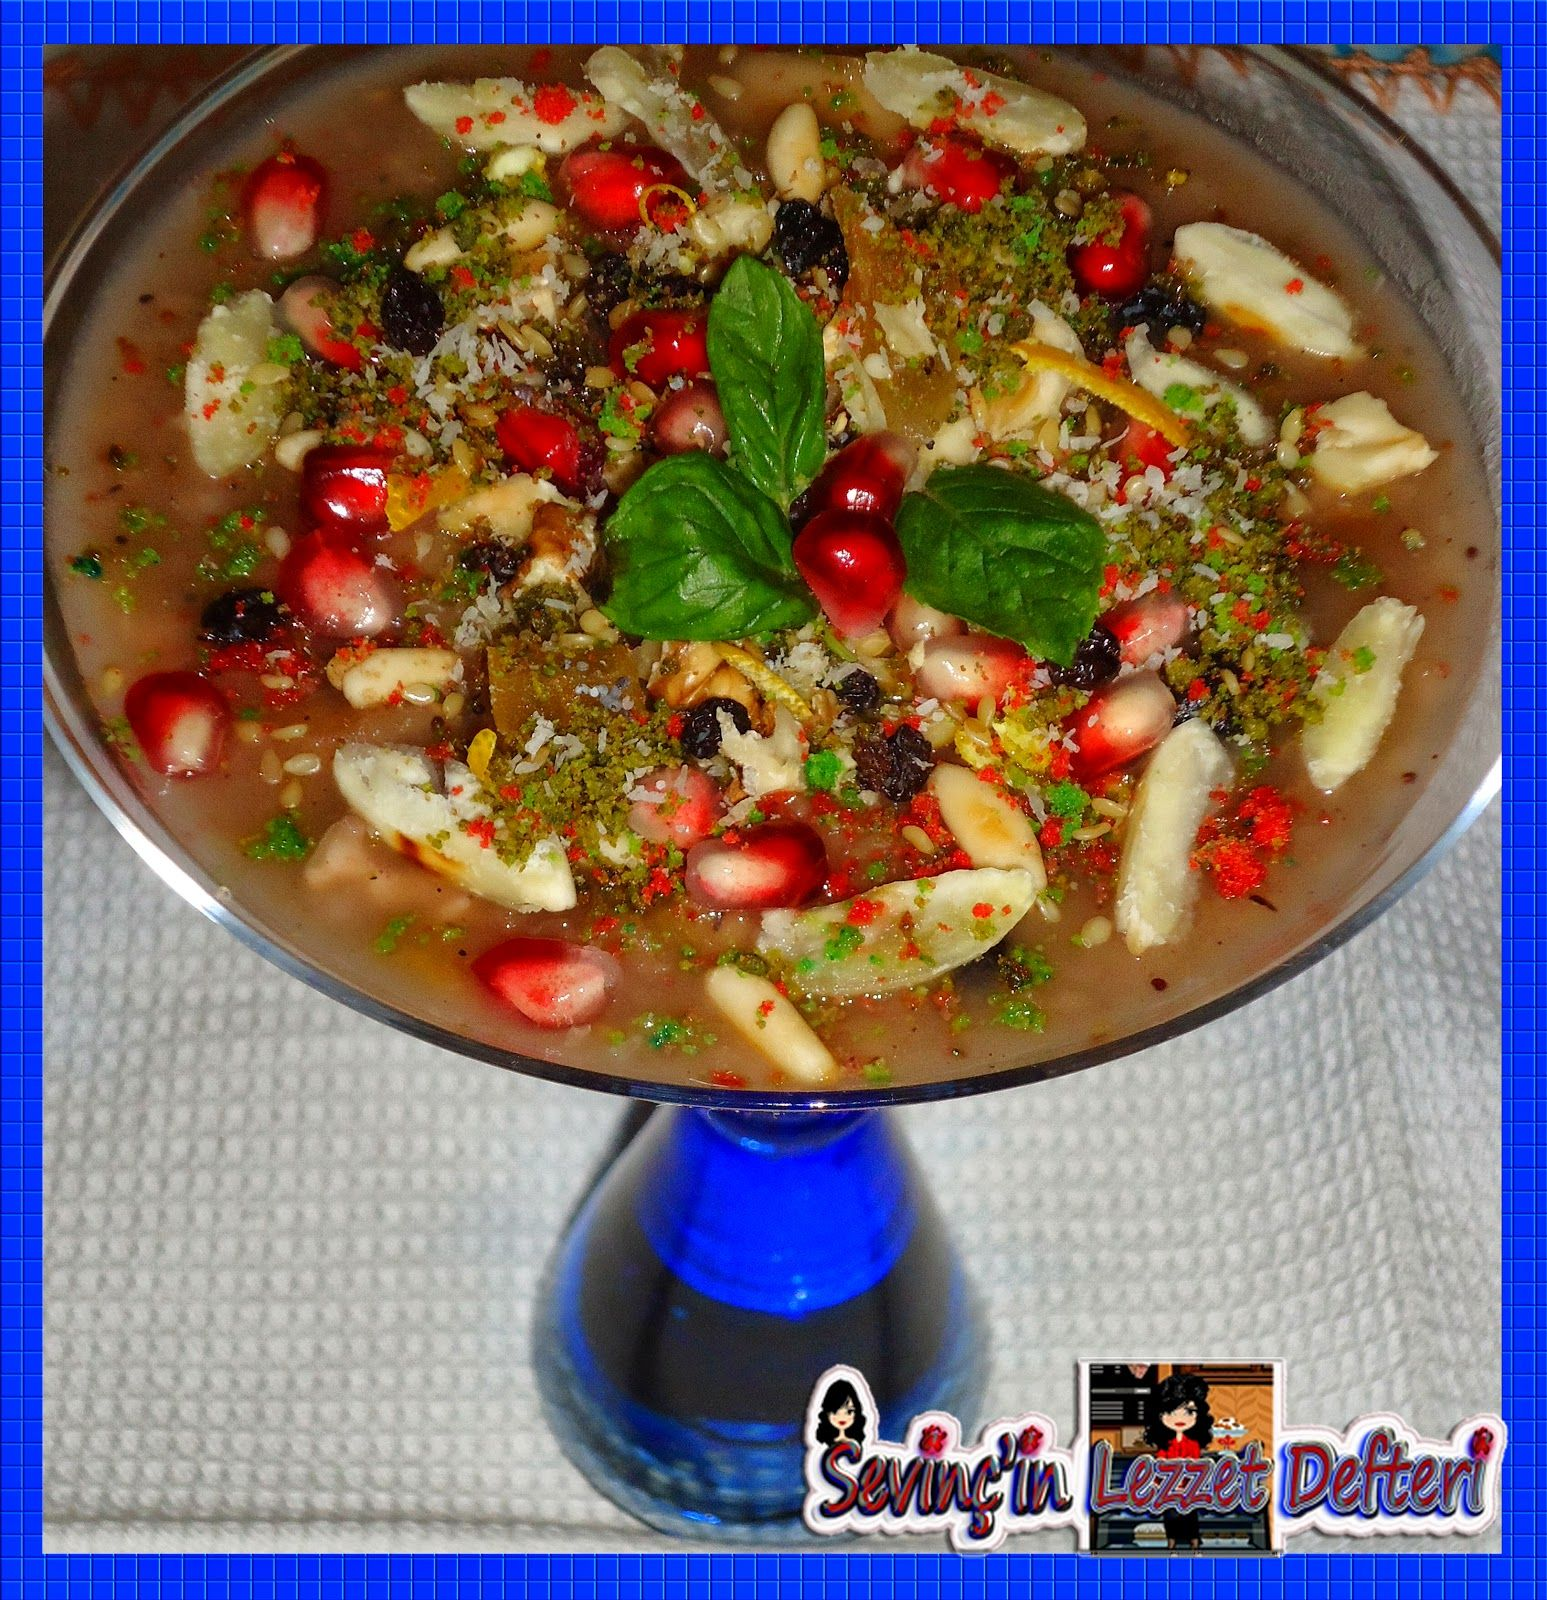 Asure tatl recipes blog sevincinlezzetdefteri food asure tatl recipes blog sevincinlezzetdefteri food yemektarifleri taste forumfinder Images